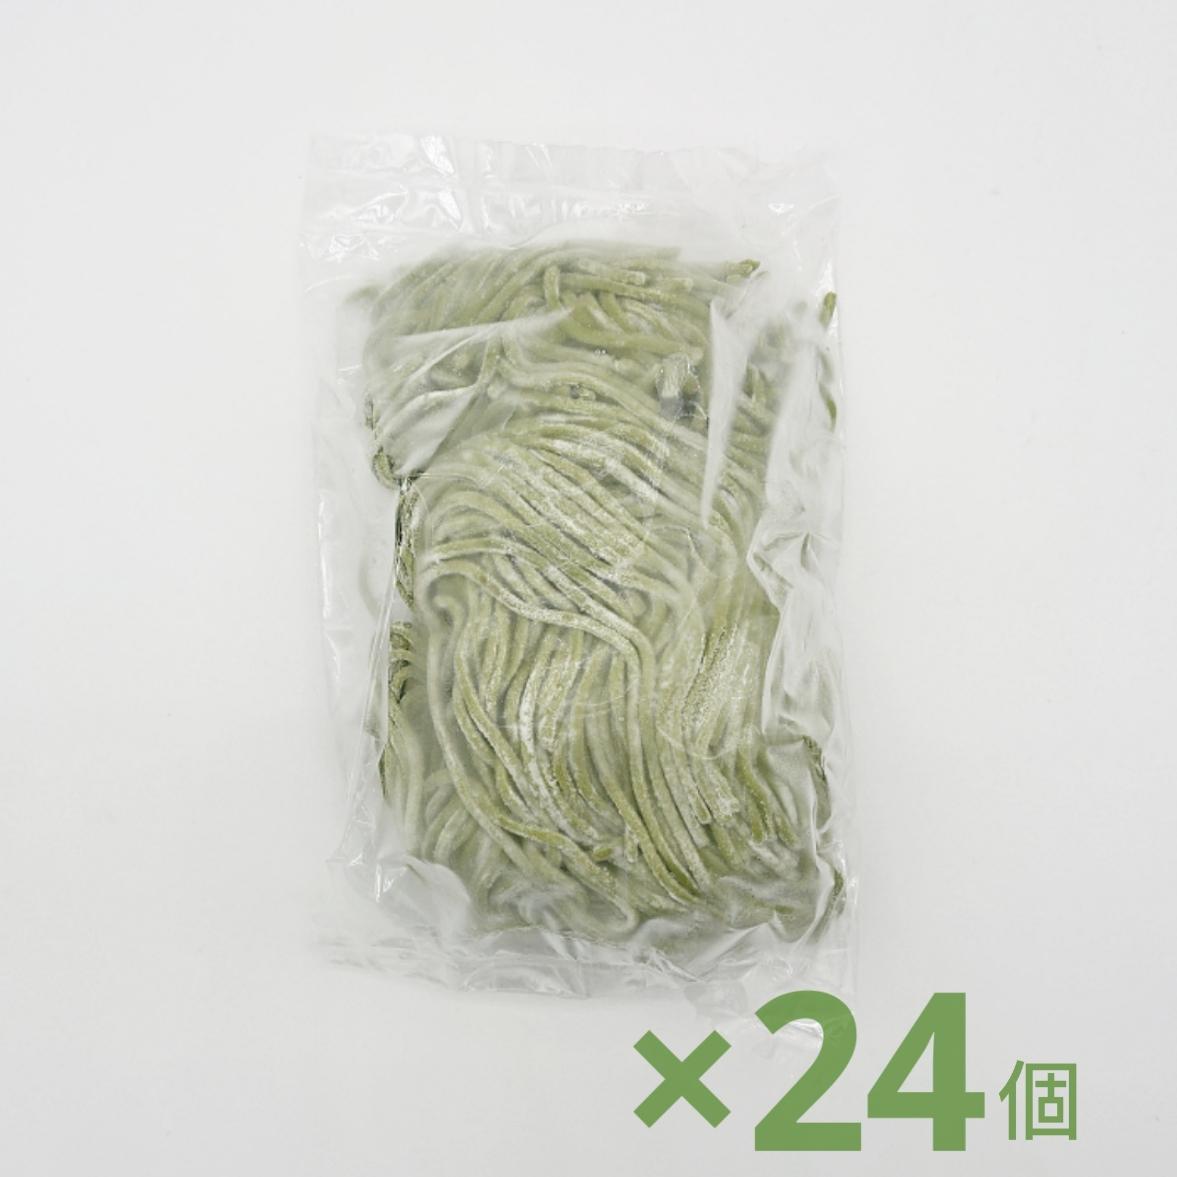 \ 新発売 /【簡易包装】 わかめ麺(※業務用タイプ) 麺のみ 24玉入